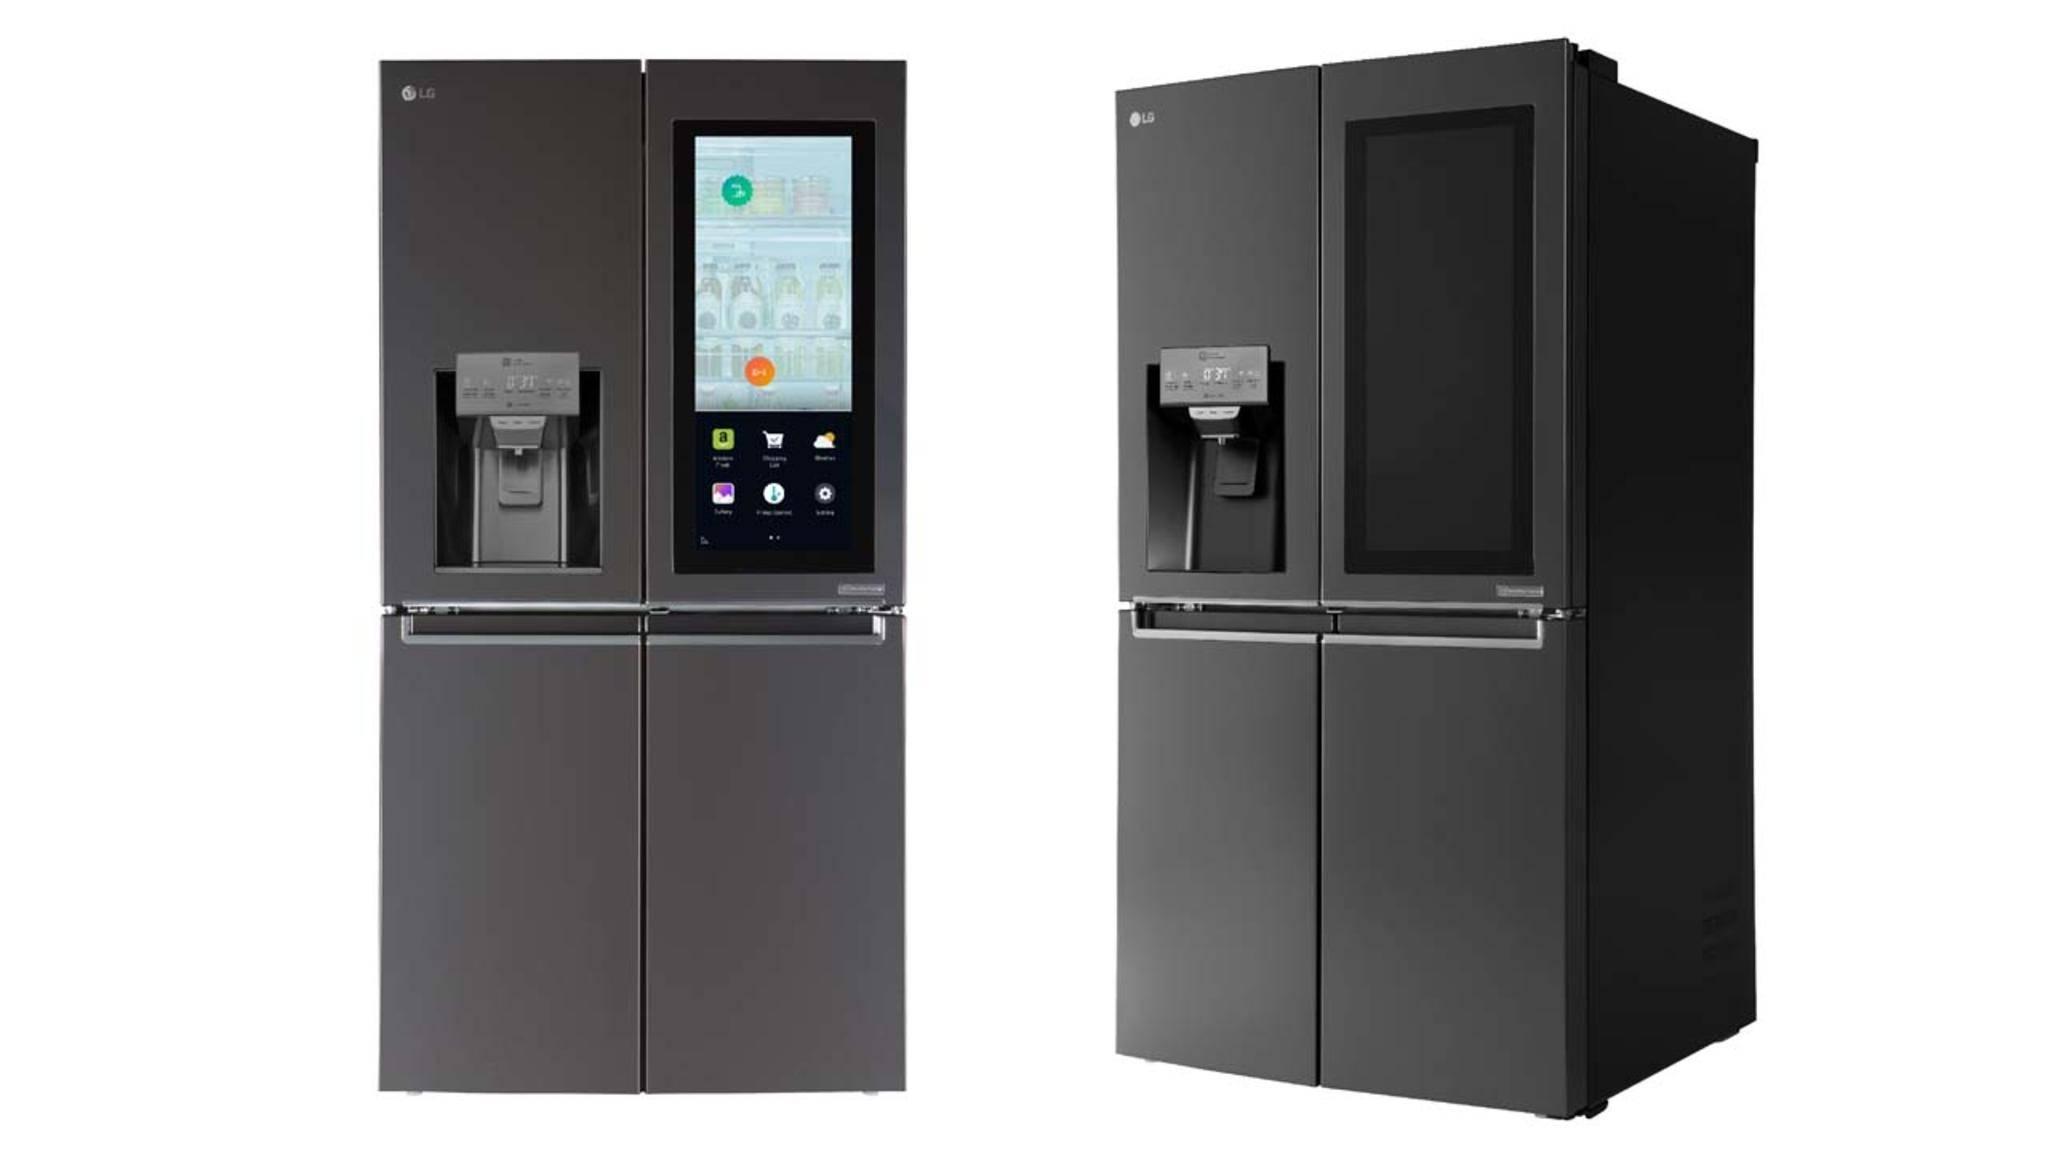 Kühlschrank Lg : Ces lg stellt smarten instaview kühlschrank mit webos vor